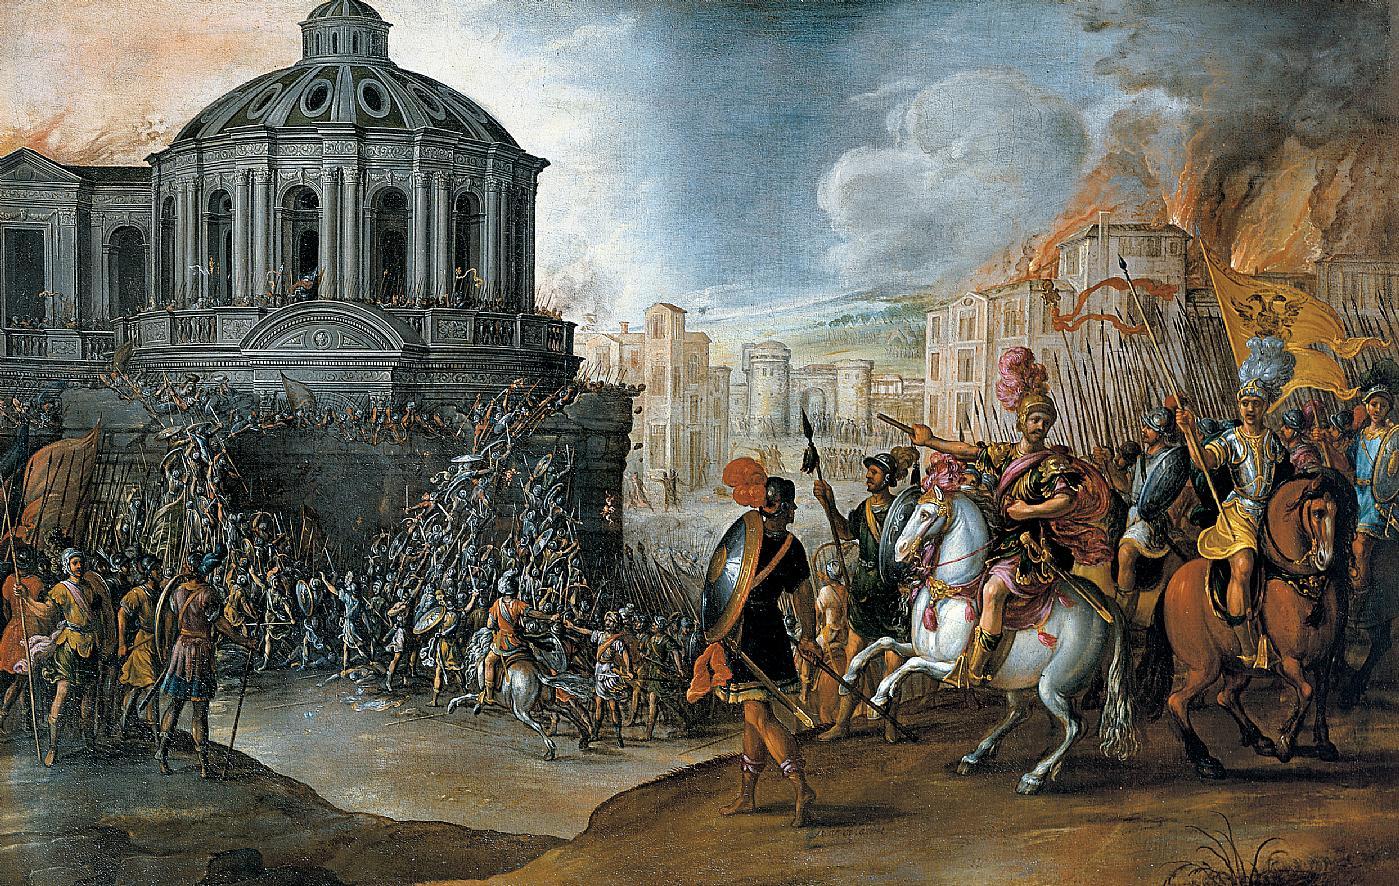 il-sacco-di-roma.jpg (1399×886)